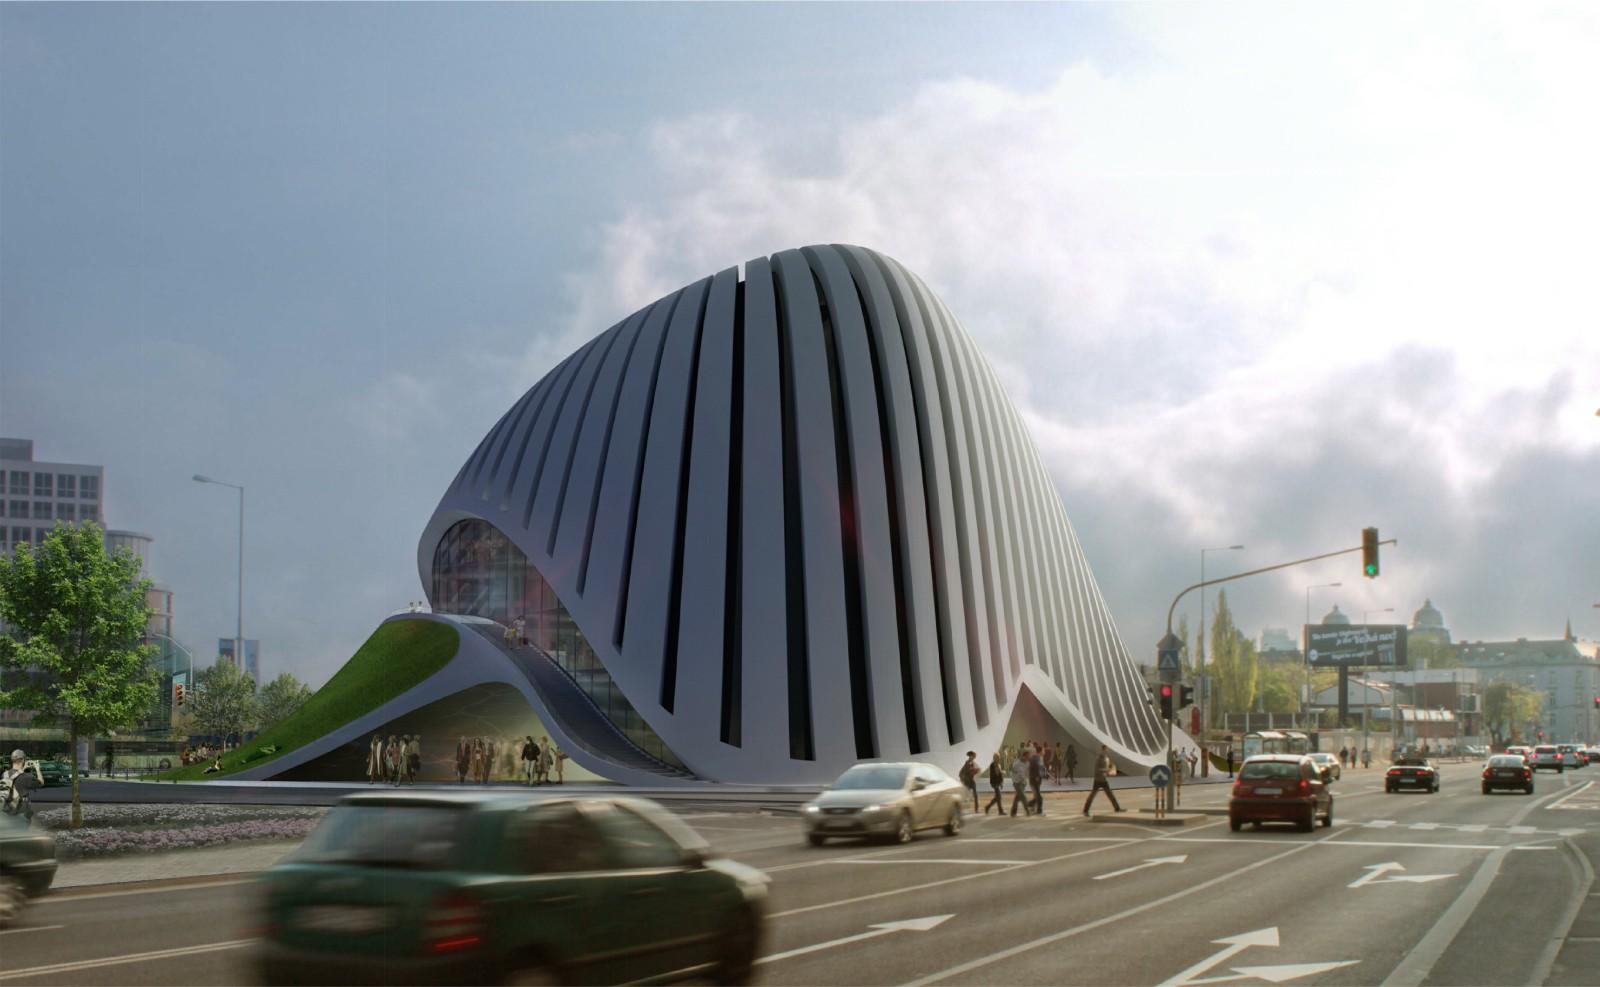 Slovak Art Center